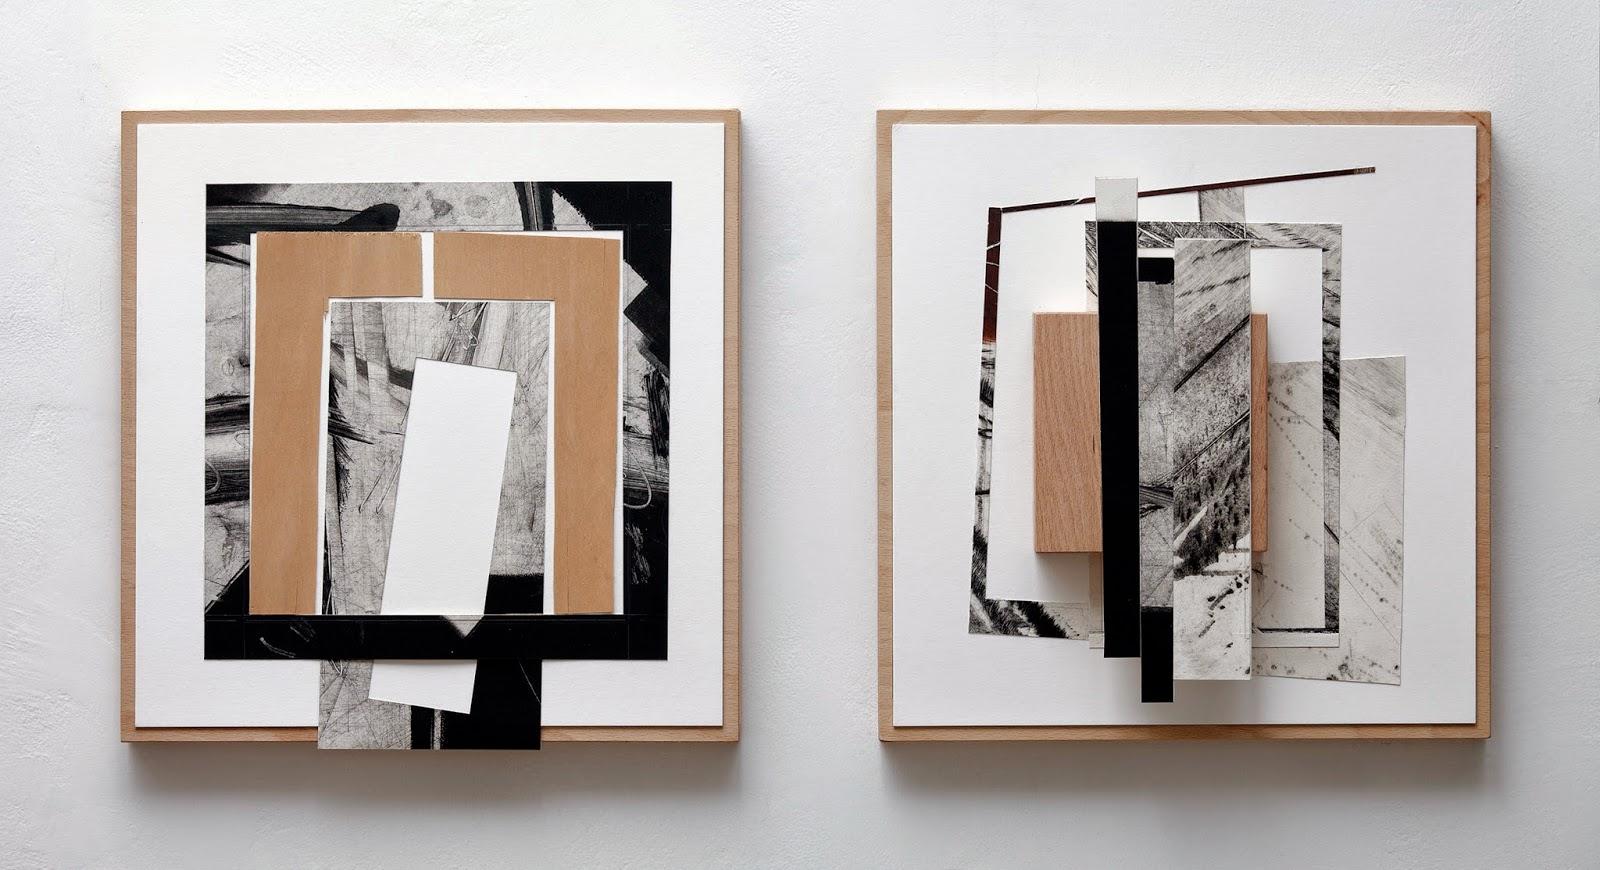 Kuno Lindenmann, O.T. GR 20/41 Radier- und Holz-Collage, 40 x 90 cm, 2011